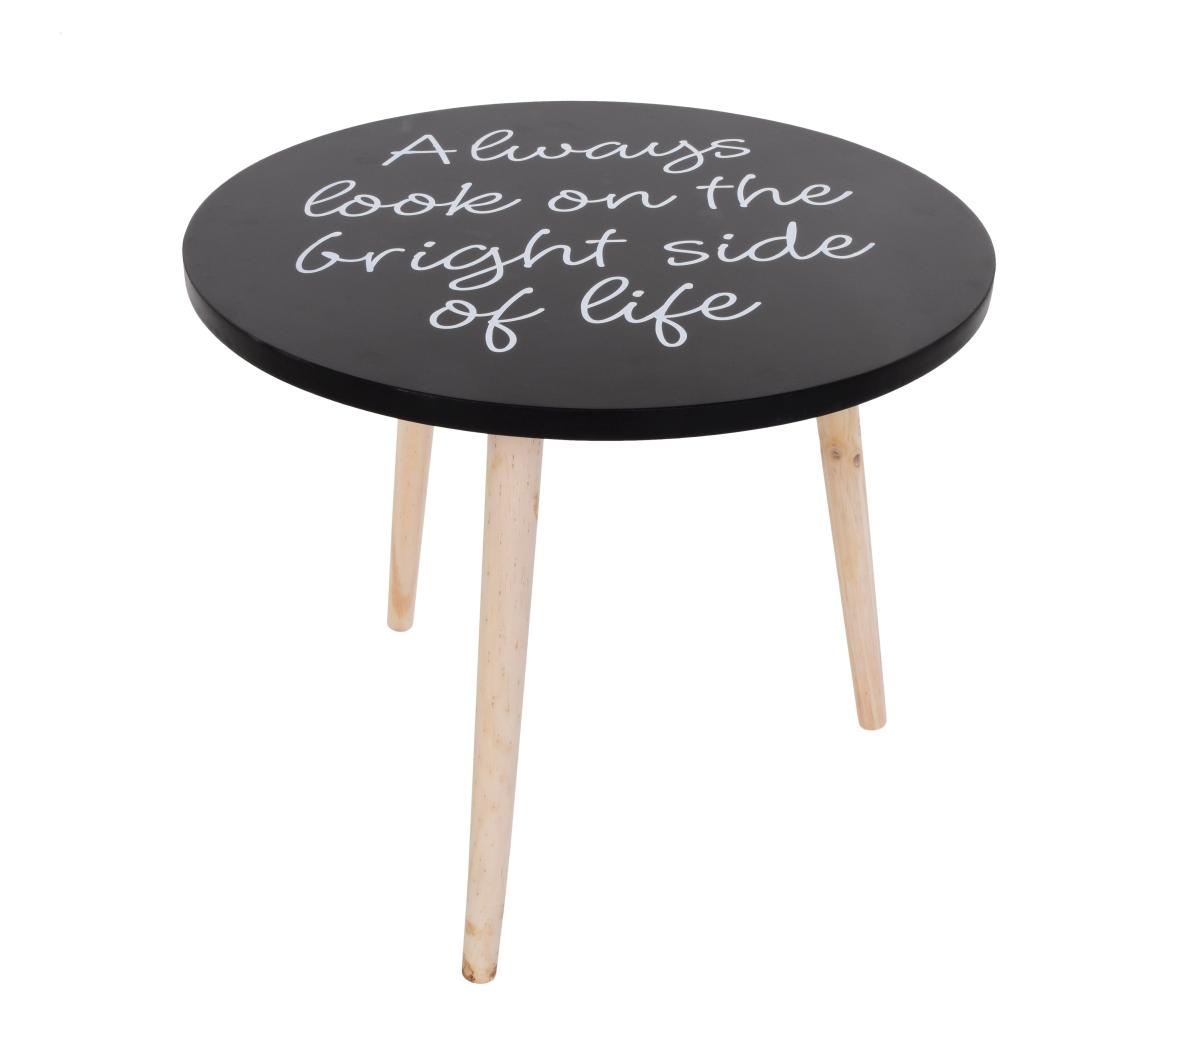 Kulatý stolek Trojnožka s nápisy, střední